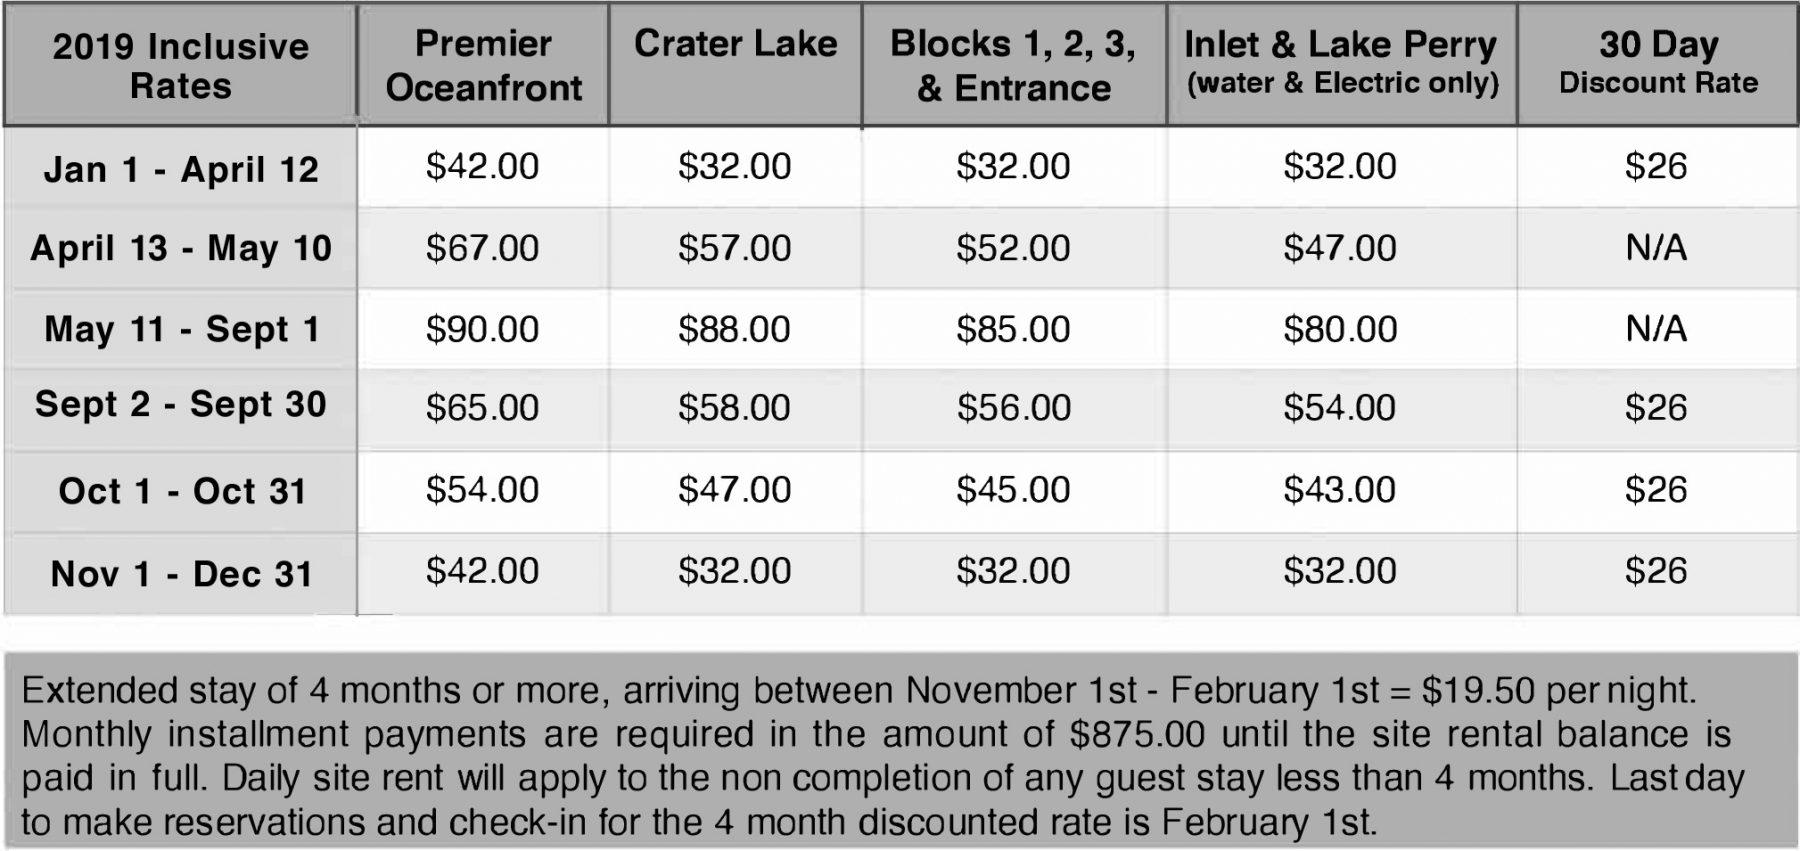 Rates Campsites 2019 Lakewood Resort Lakewood Resort